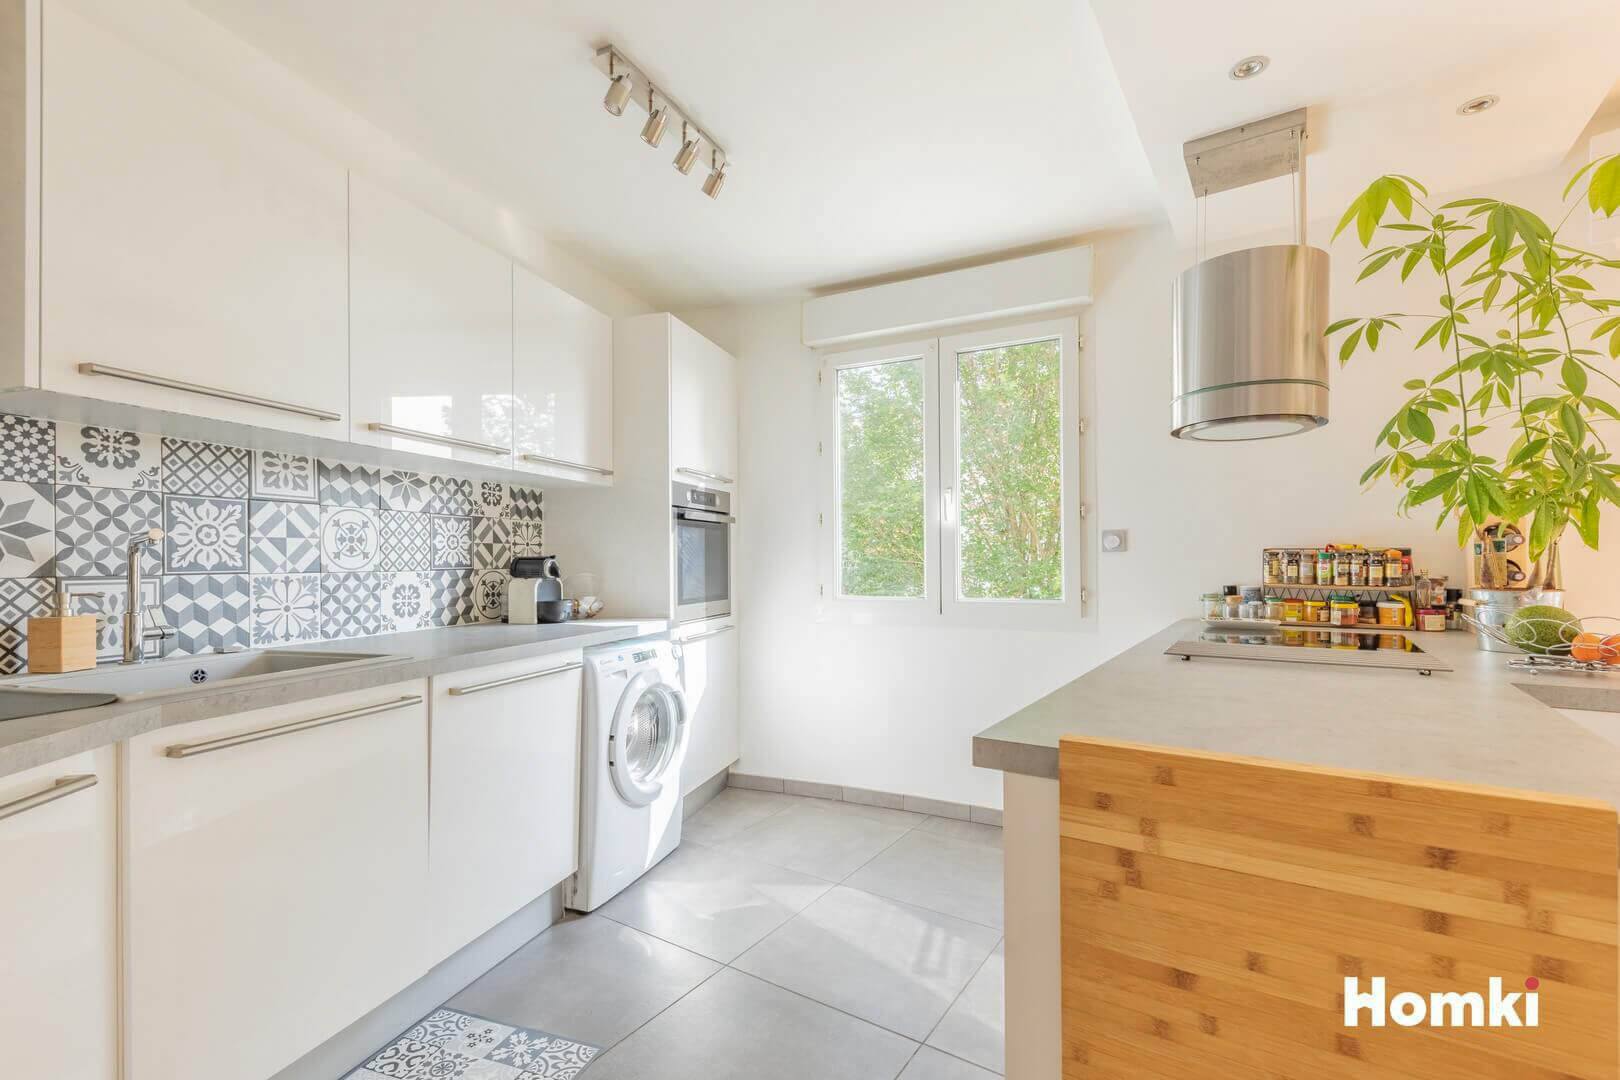 Homki - Vente Appartement  de 66.0 m² à Villeurbanne 69100